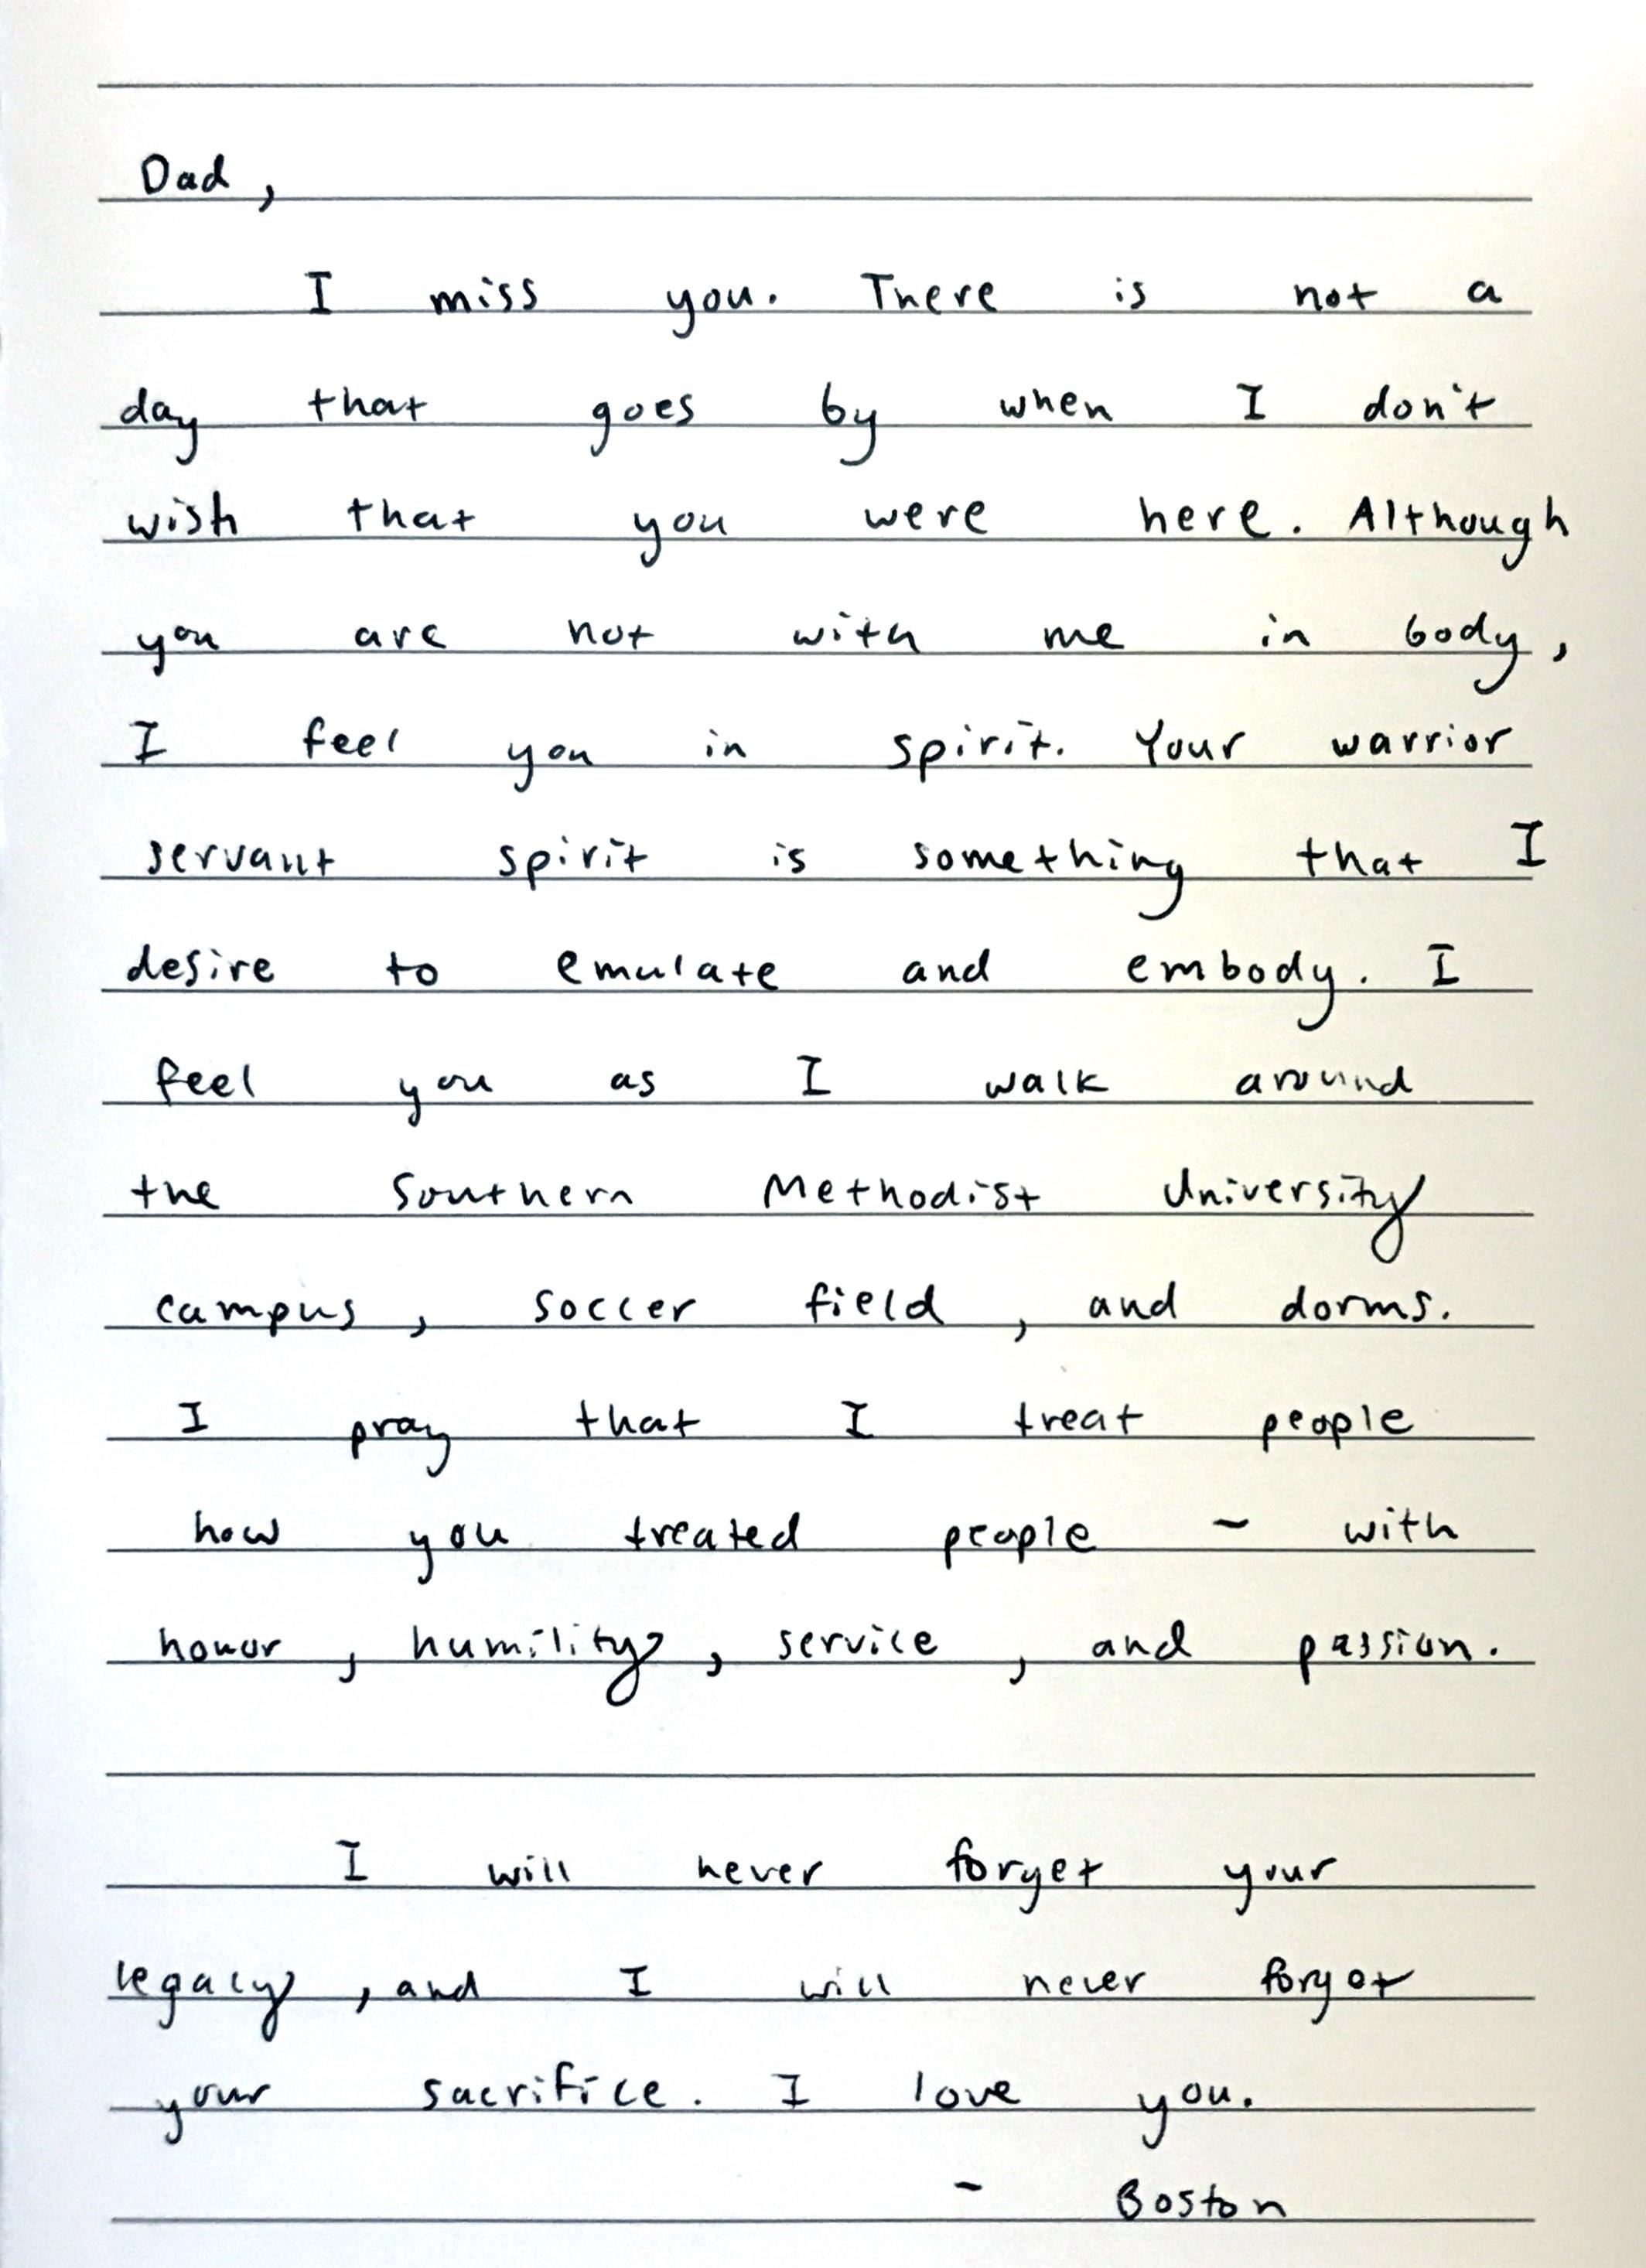 Boston Gillbert Father's Day Letter.jpg